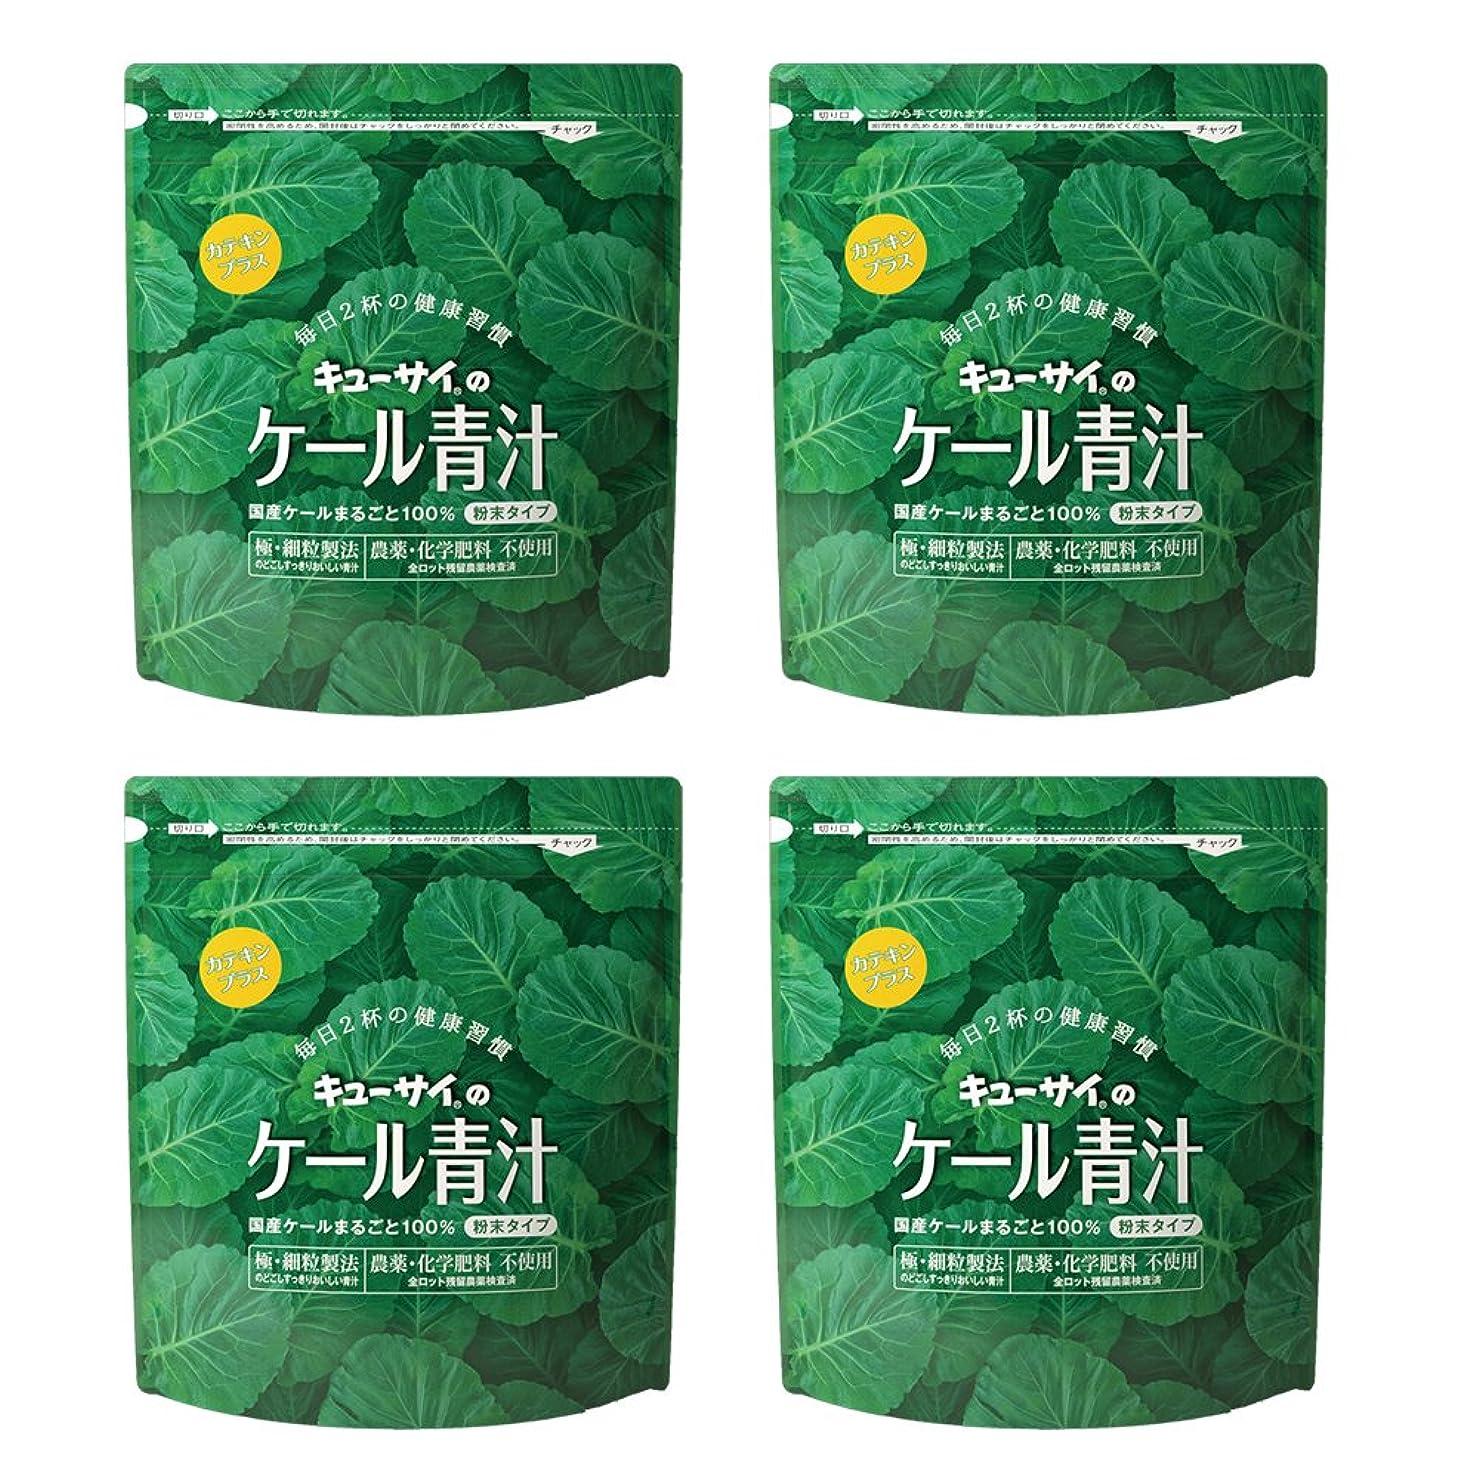 荒らす不測の事態音節キューサイ青汁カテキンプラス420g(粉末タイプ)4袋まとめ買い【1袋420g(約1カ月分)】